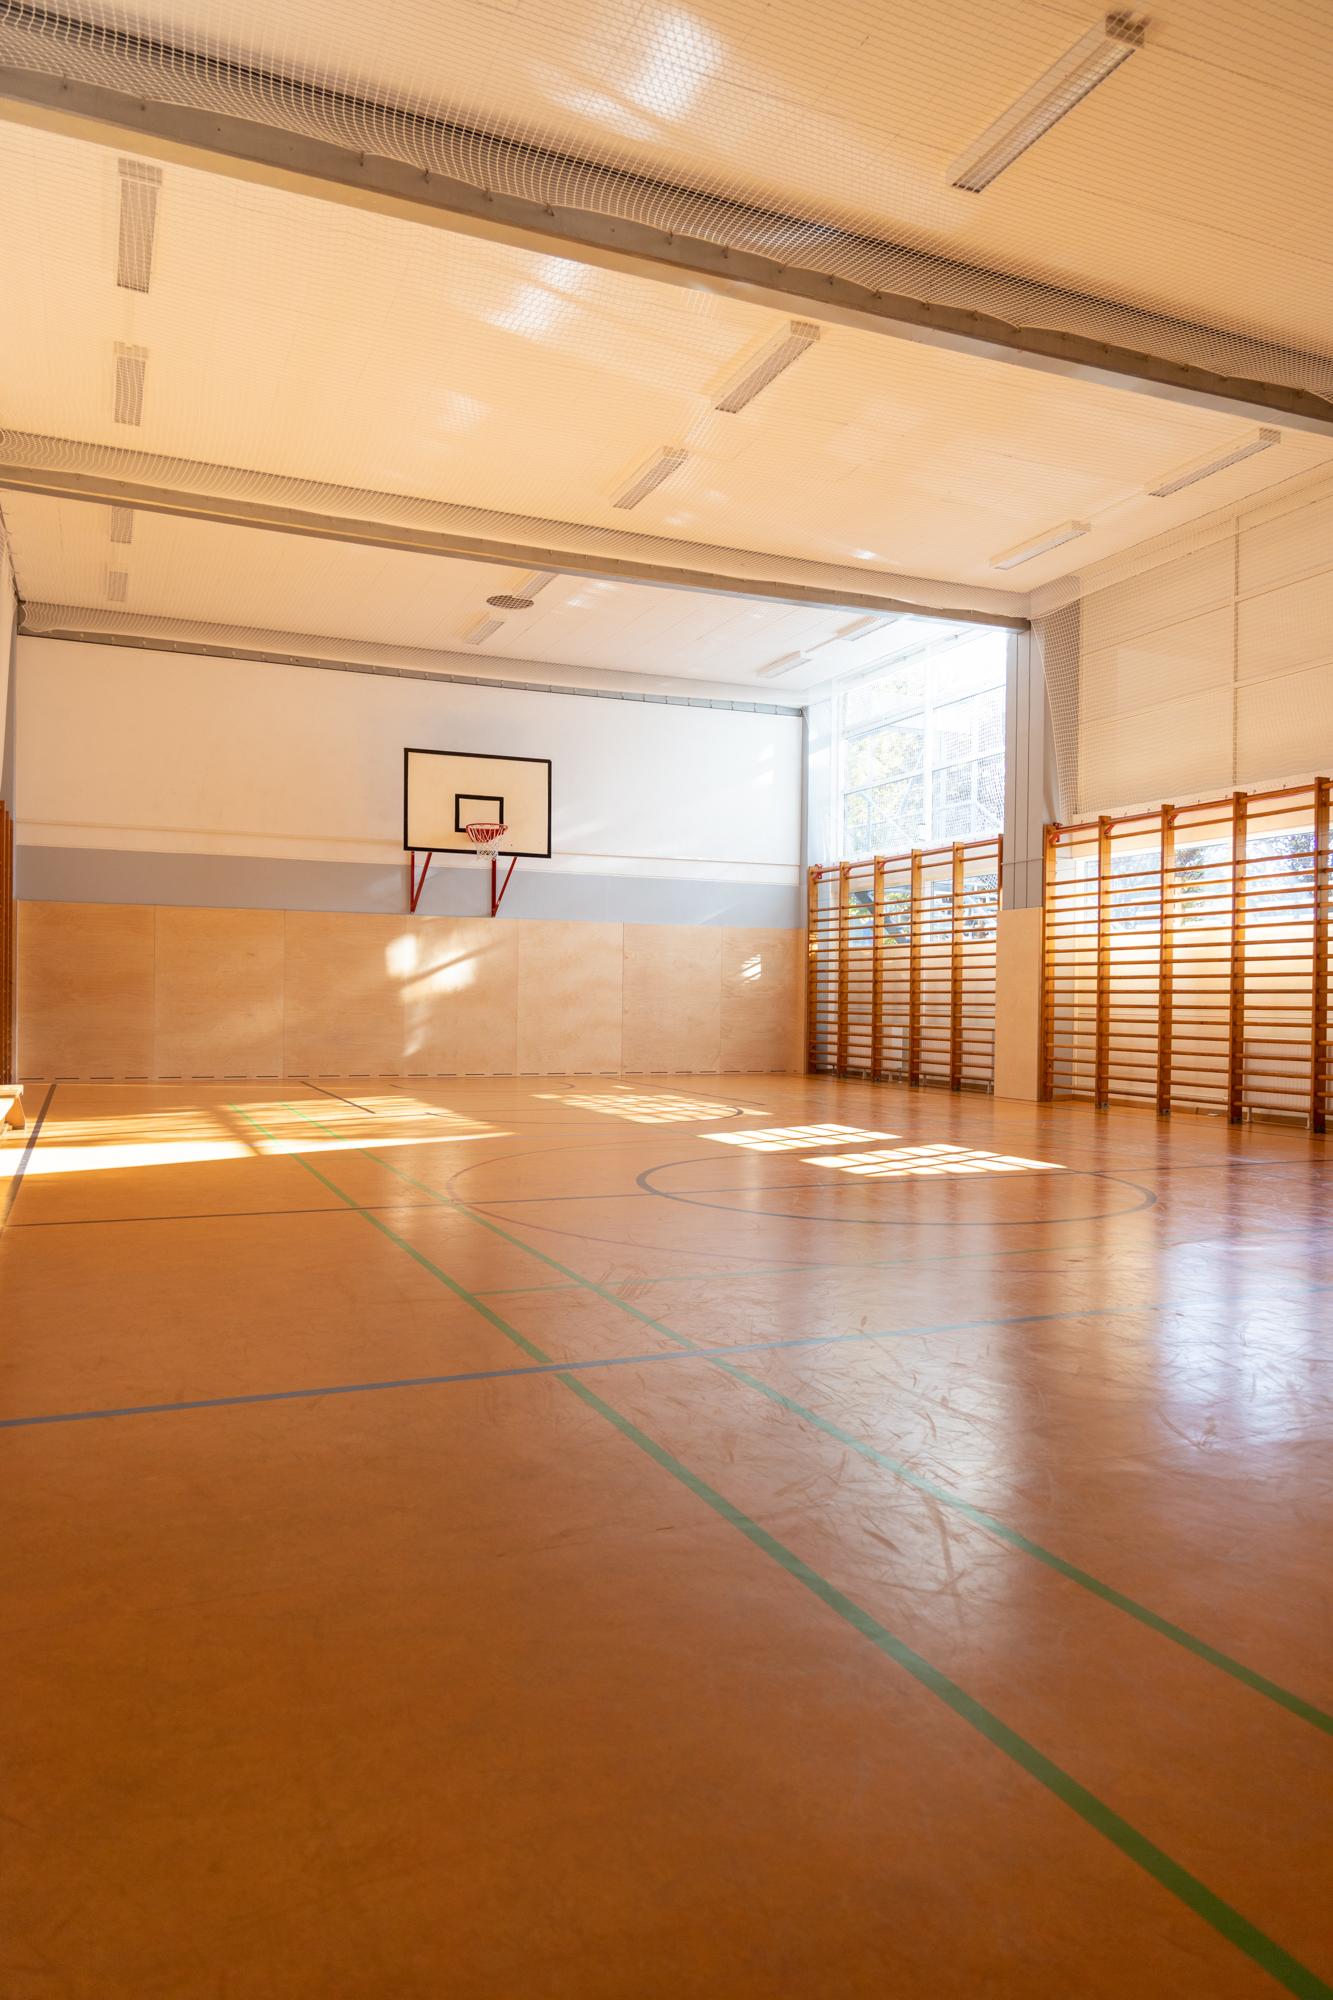 STARTPLATZ Atzgersdorf Turnhalle